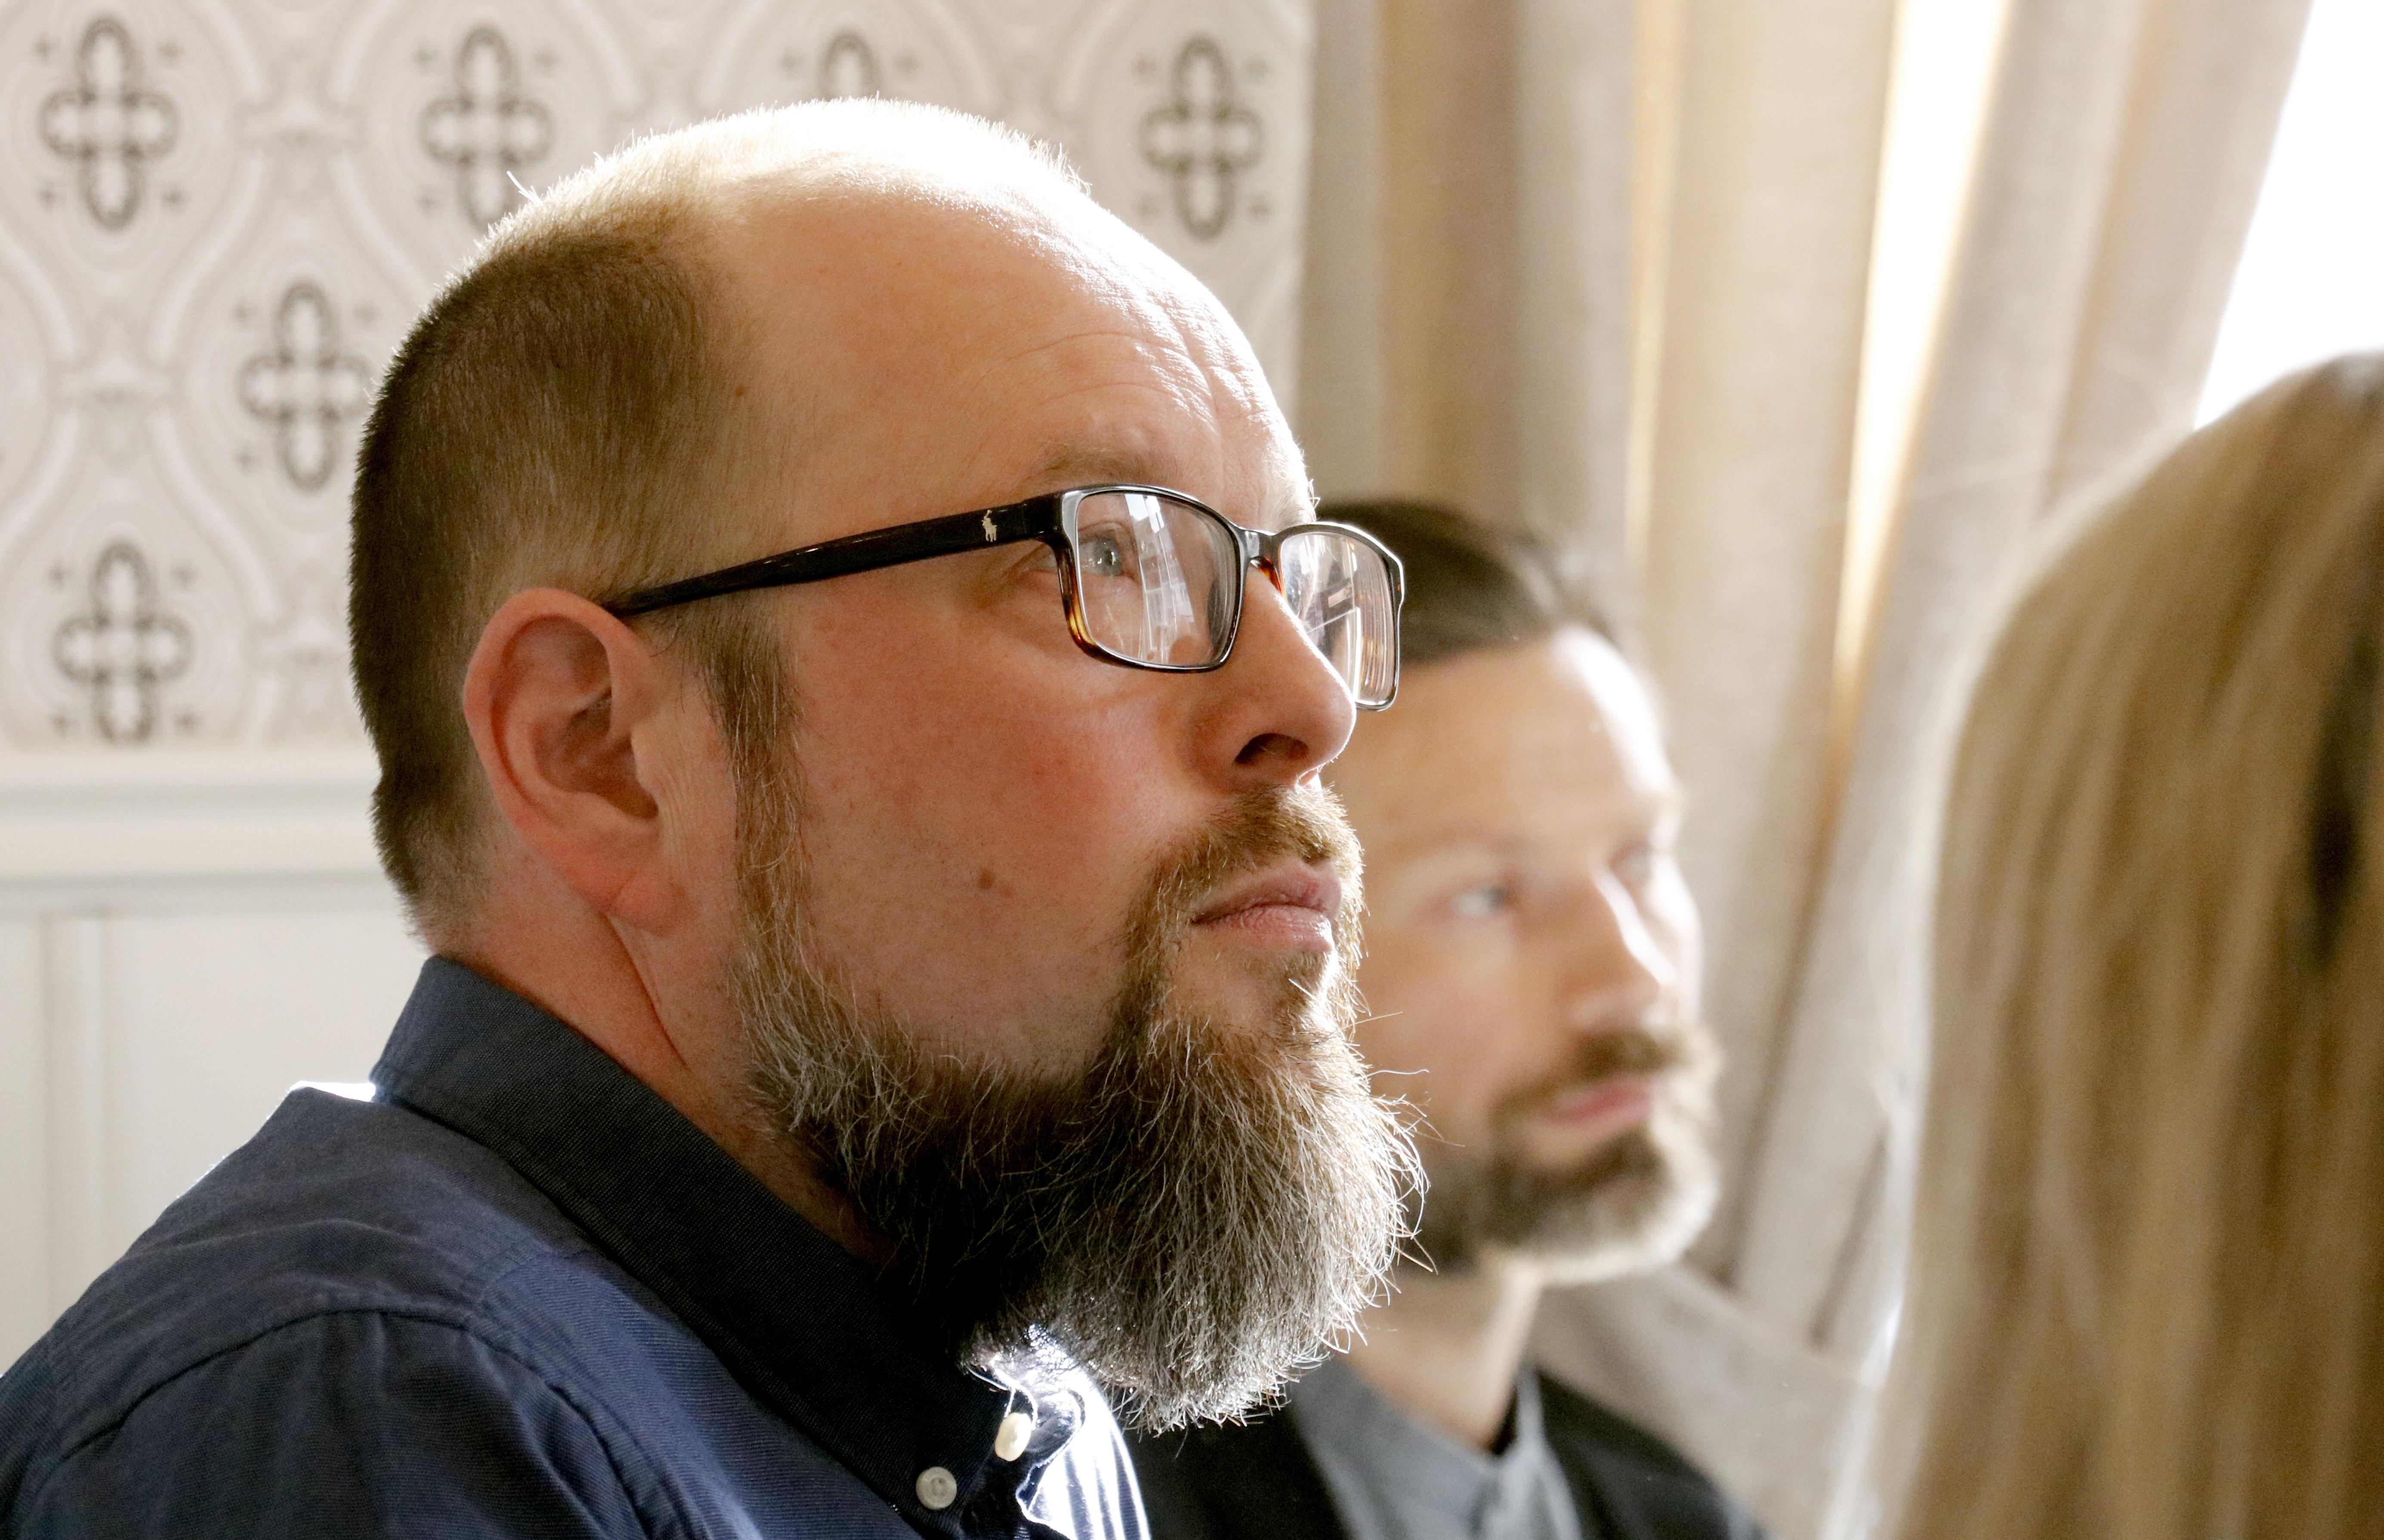 Mikael issakainen är sedan två år ansvarig för Teknos svenska tillverkningsenheter varav en ligger i Vedevåg.